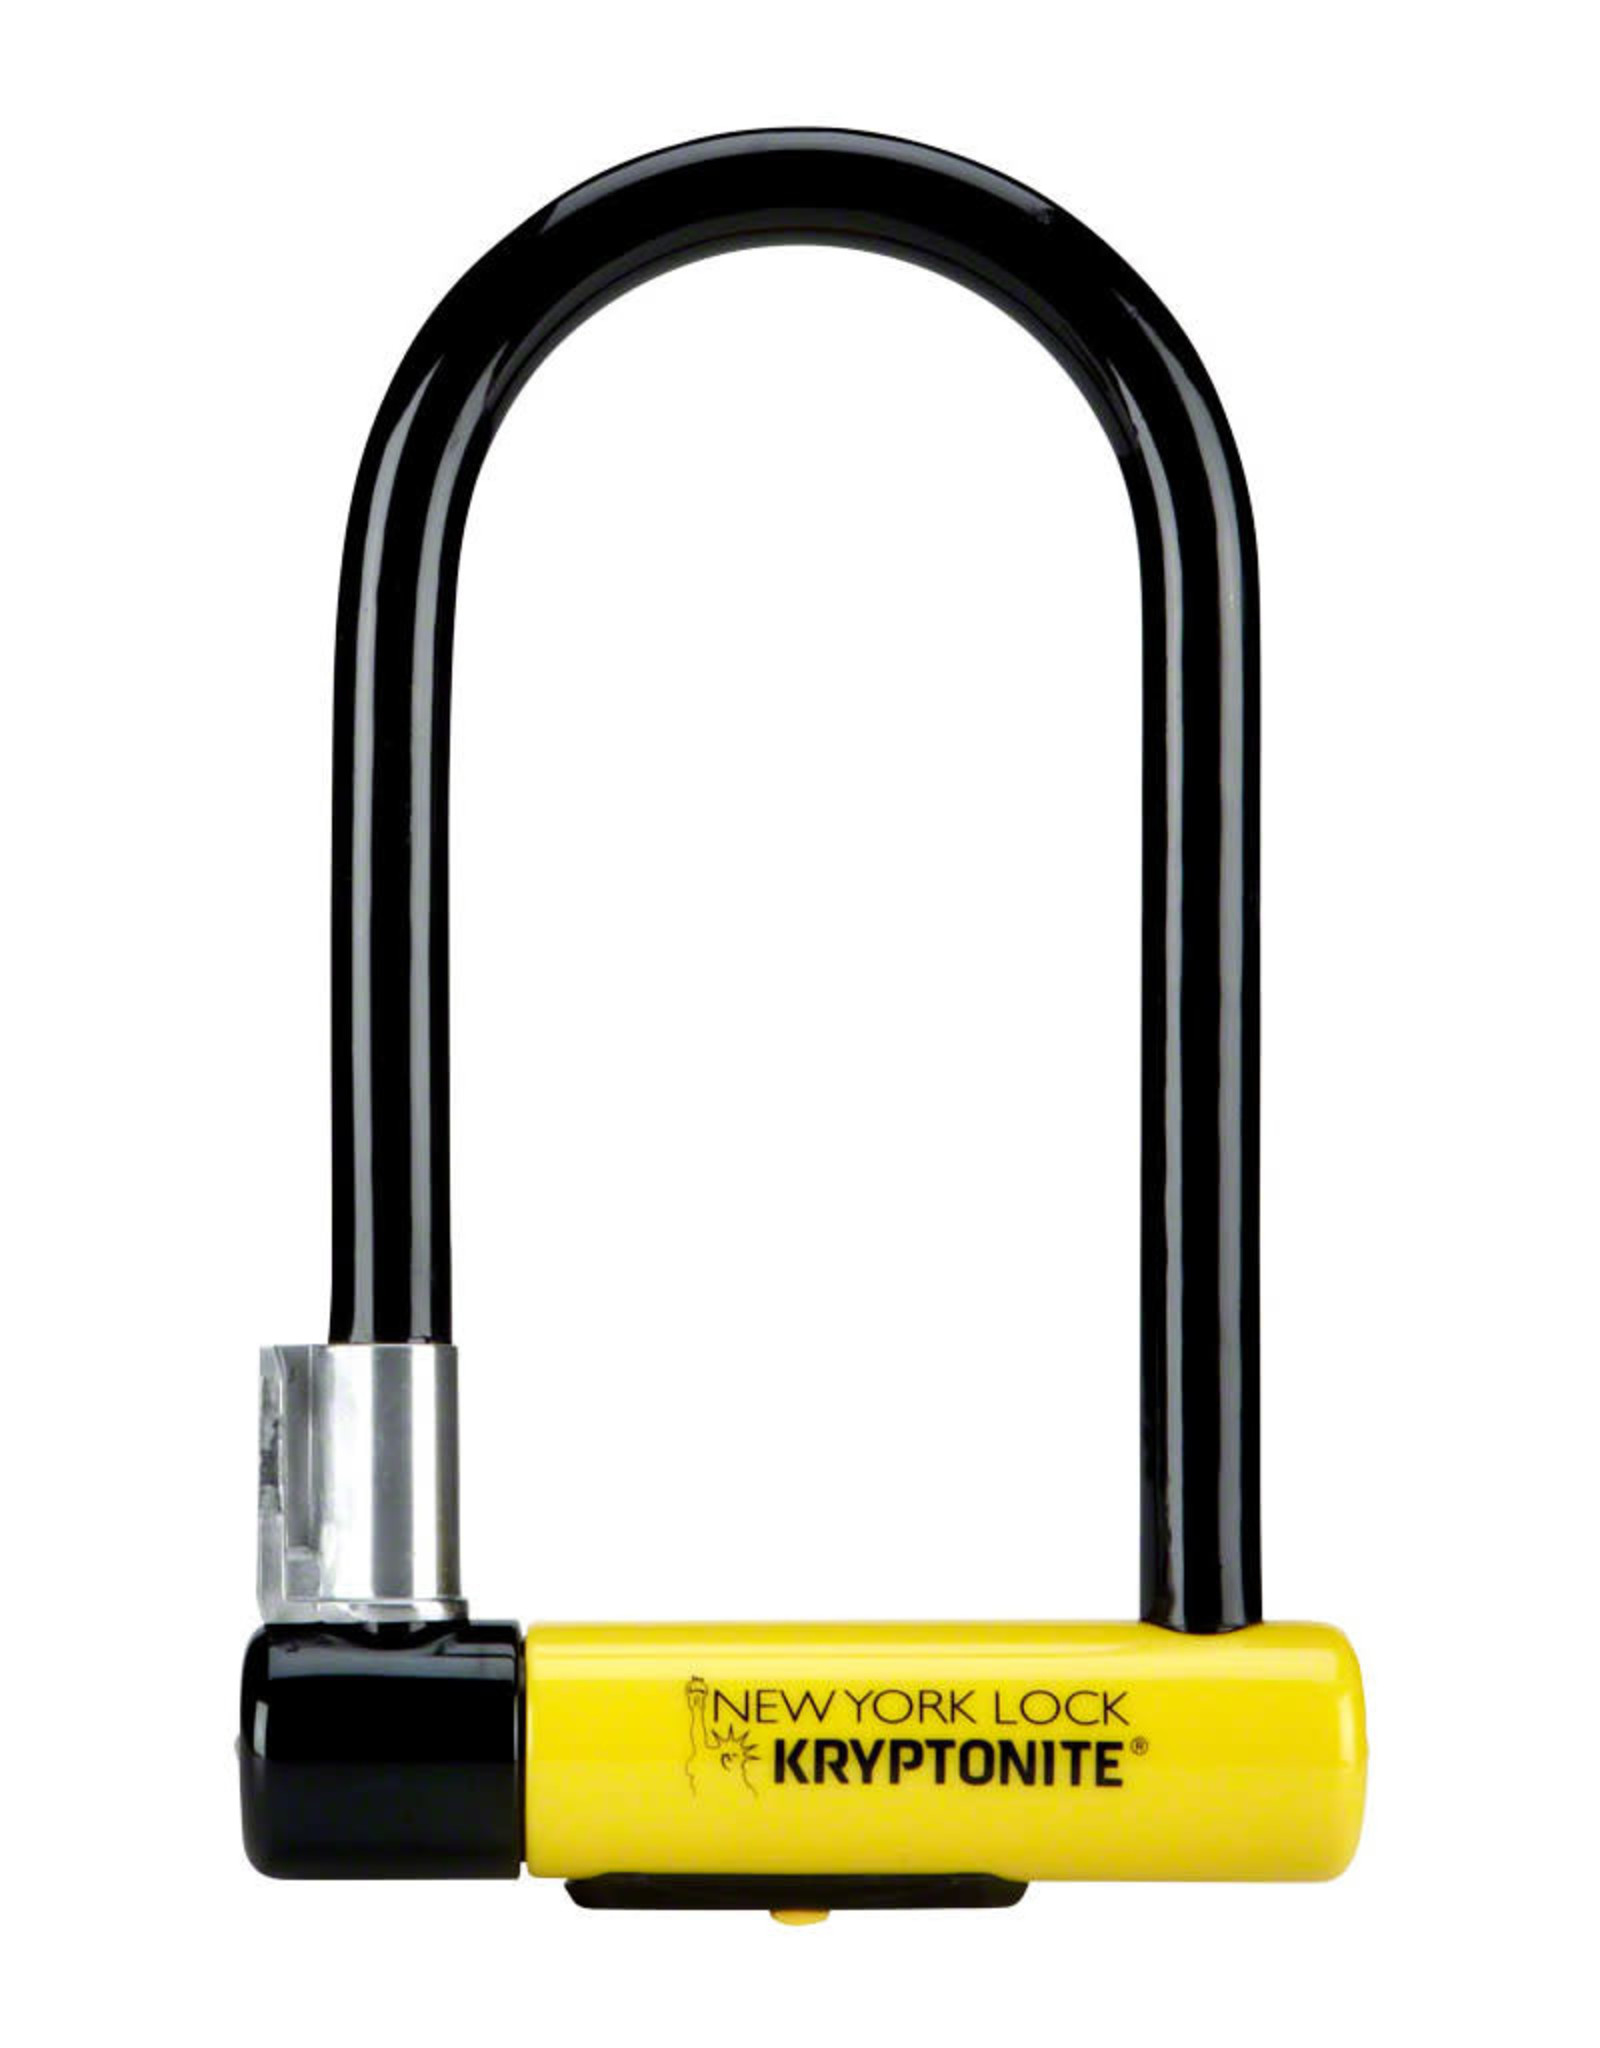 Kryptonite Kyrptonite New York Lock